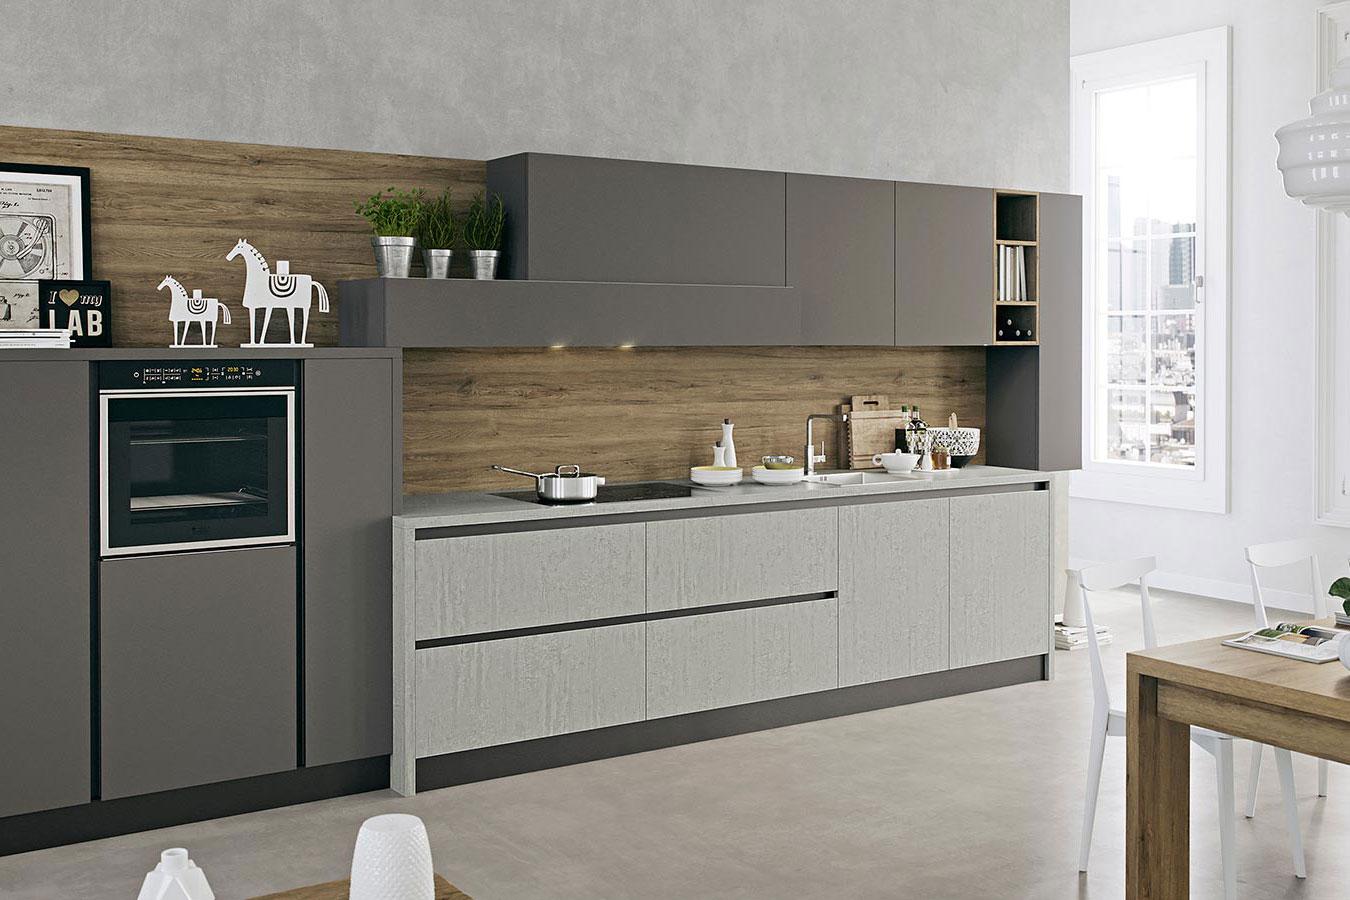 Cucina kal di arredo3 righetti mobili novara for Arredo ingross 3